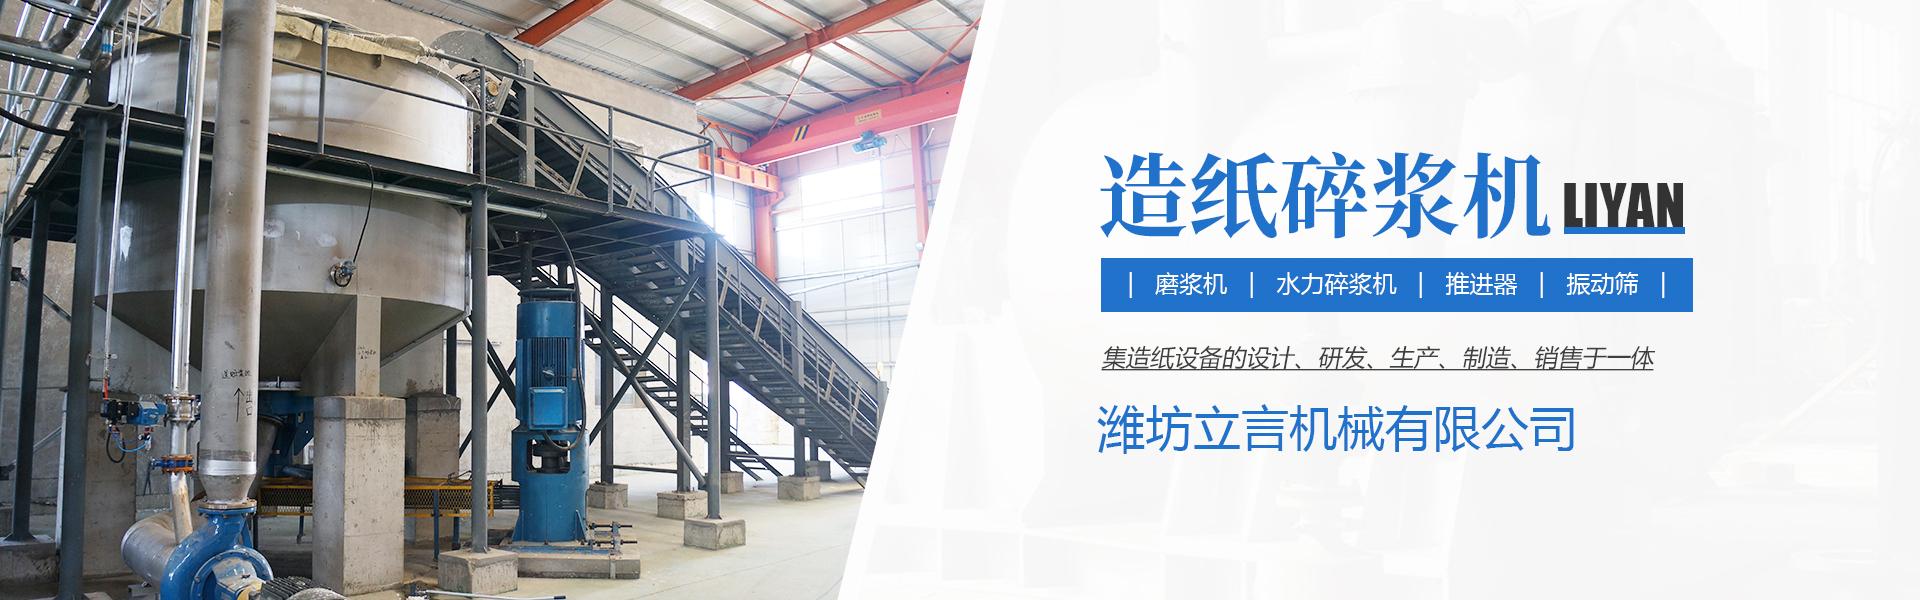 潍坊立言机械有限公司,长期从事造纸及制浆设备,垃圾焚烧炉,生活污水、食品污水,养殖污水等水处理设备,是生产、销售的高新技术企业。